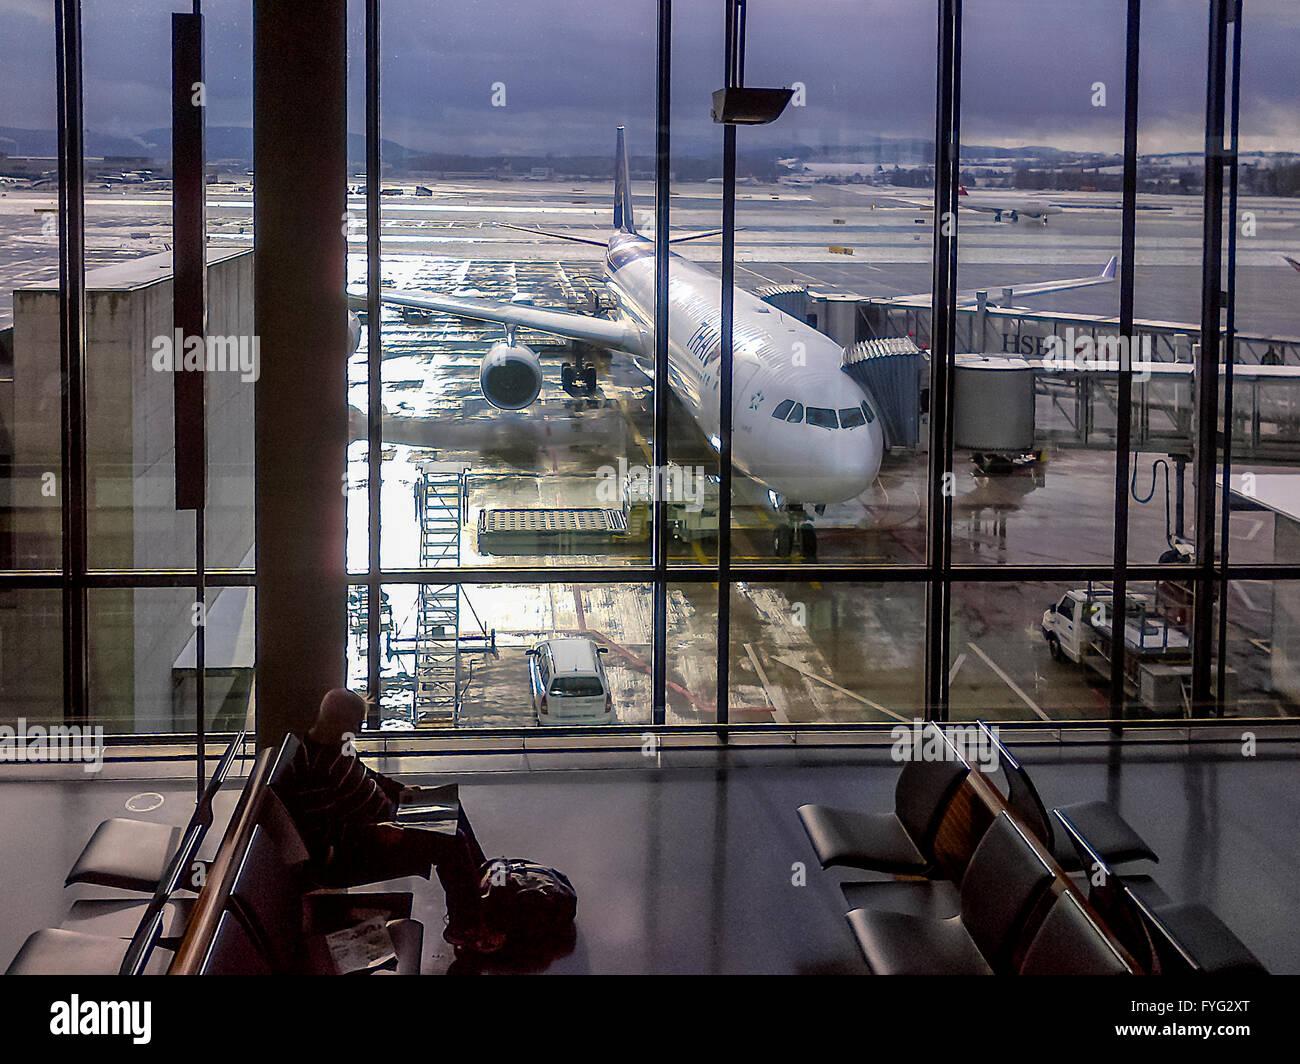 Zurich International Airport. Switzerland - Stock Image